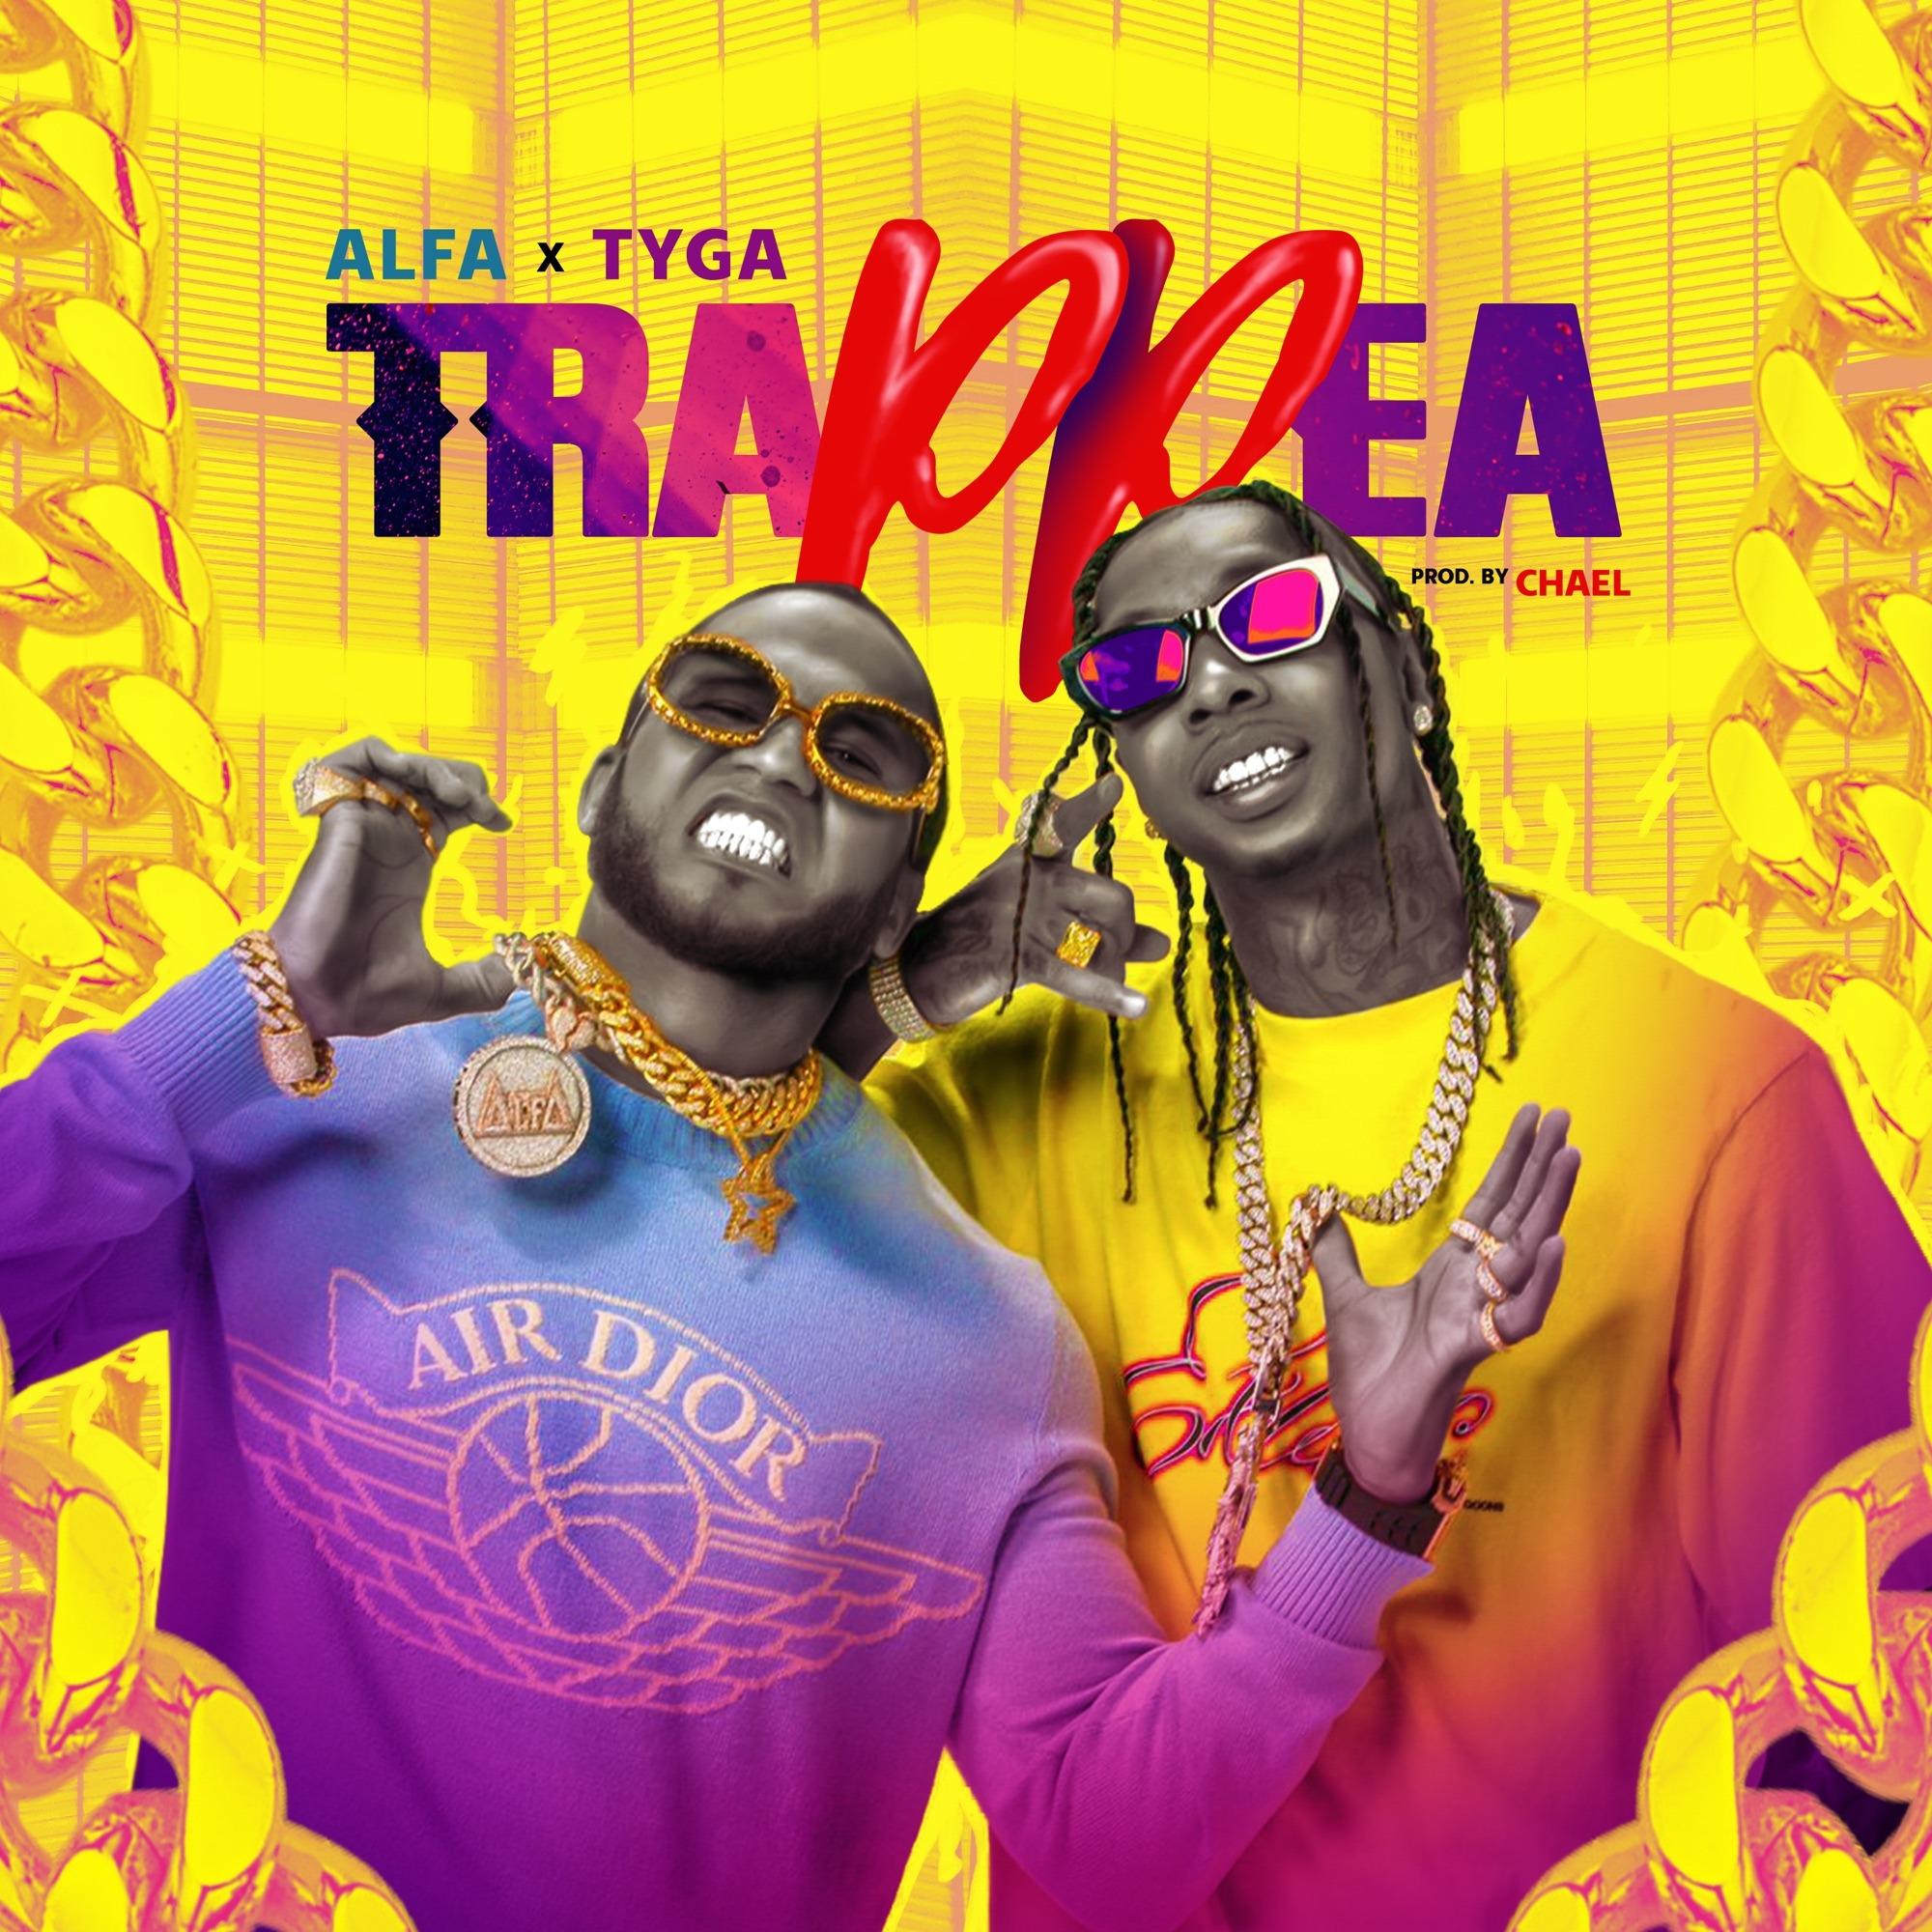 El Alfa & Tyga - Trap Pea